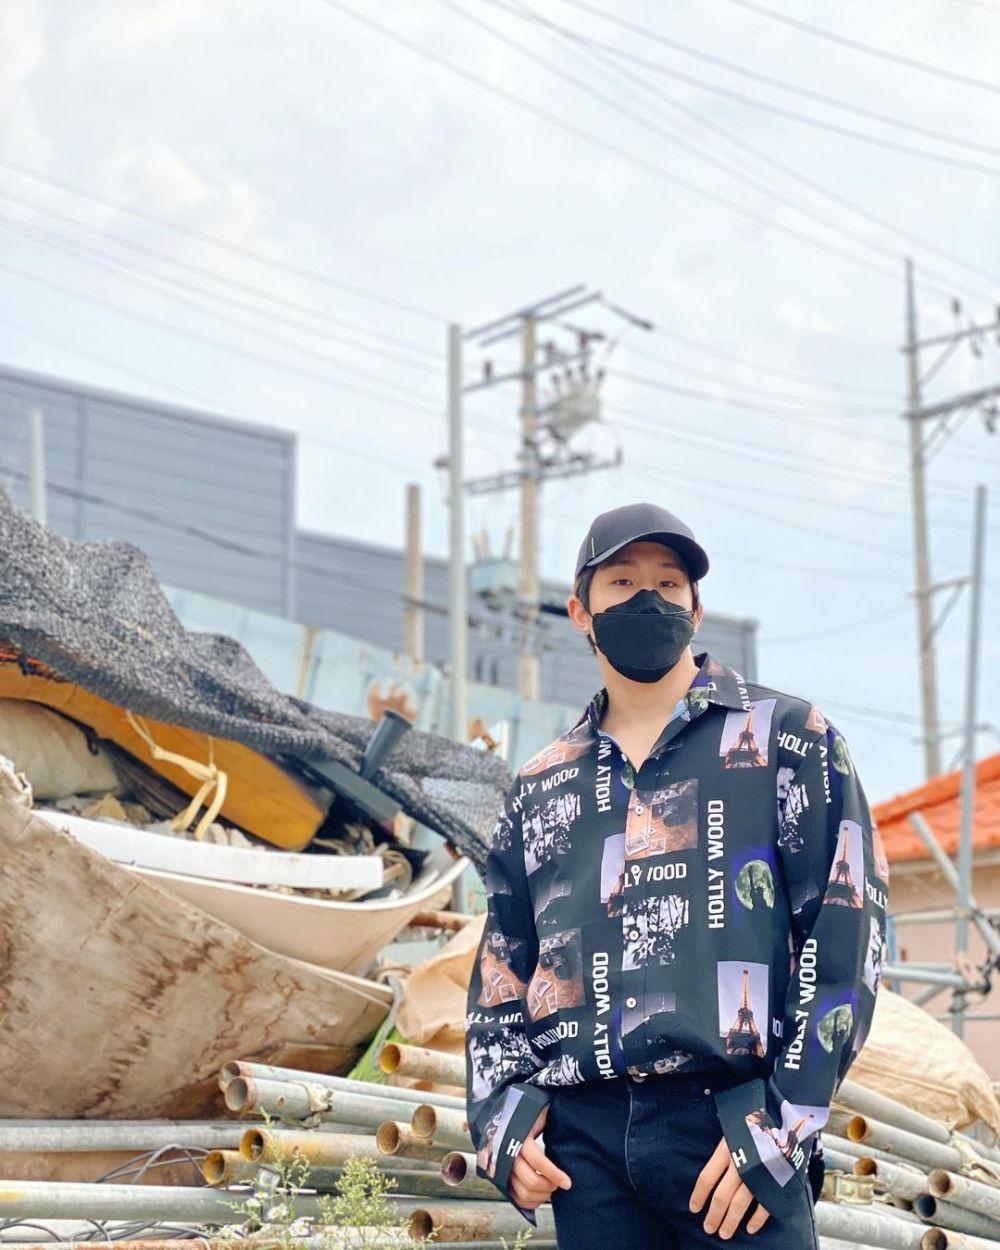 Memakai Topi dan Masker, 10 Idol KPop Pria Ini Sulit Dikenali